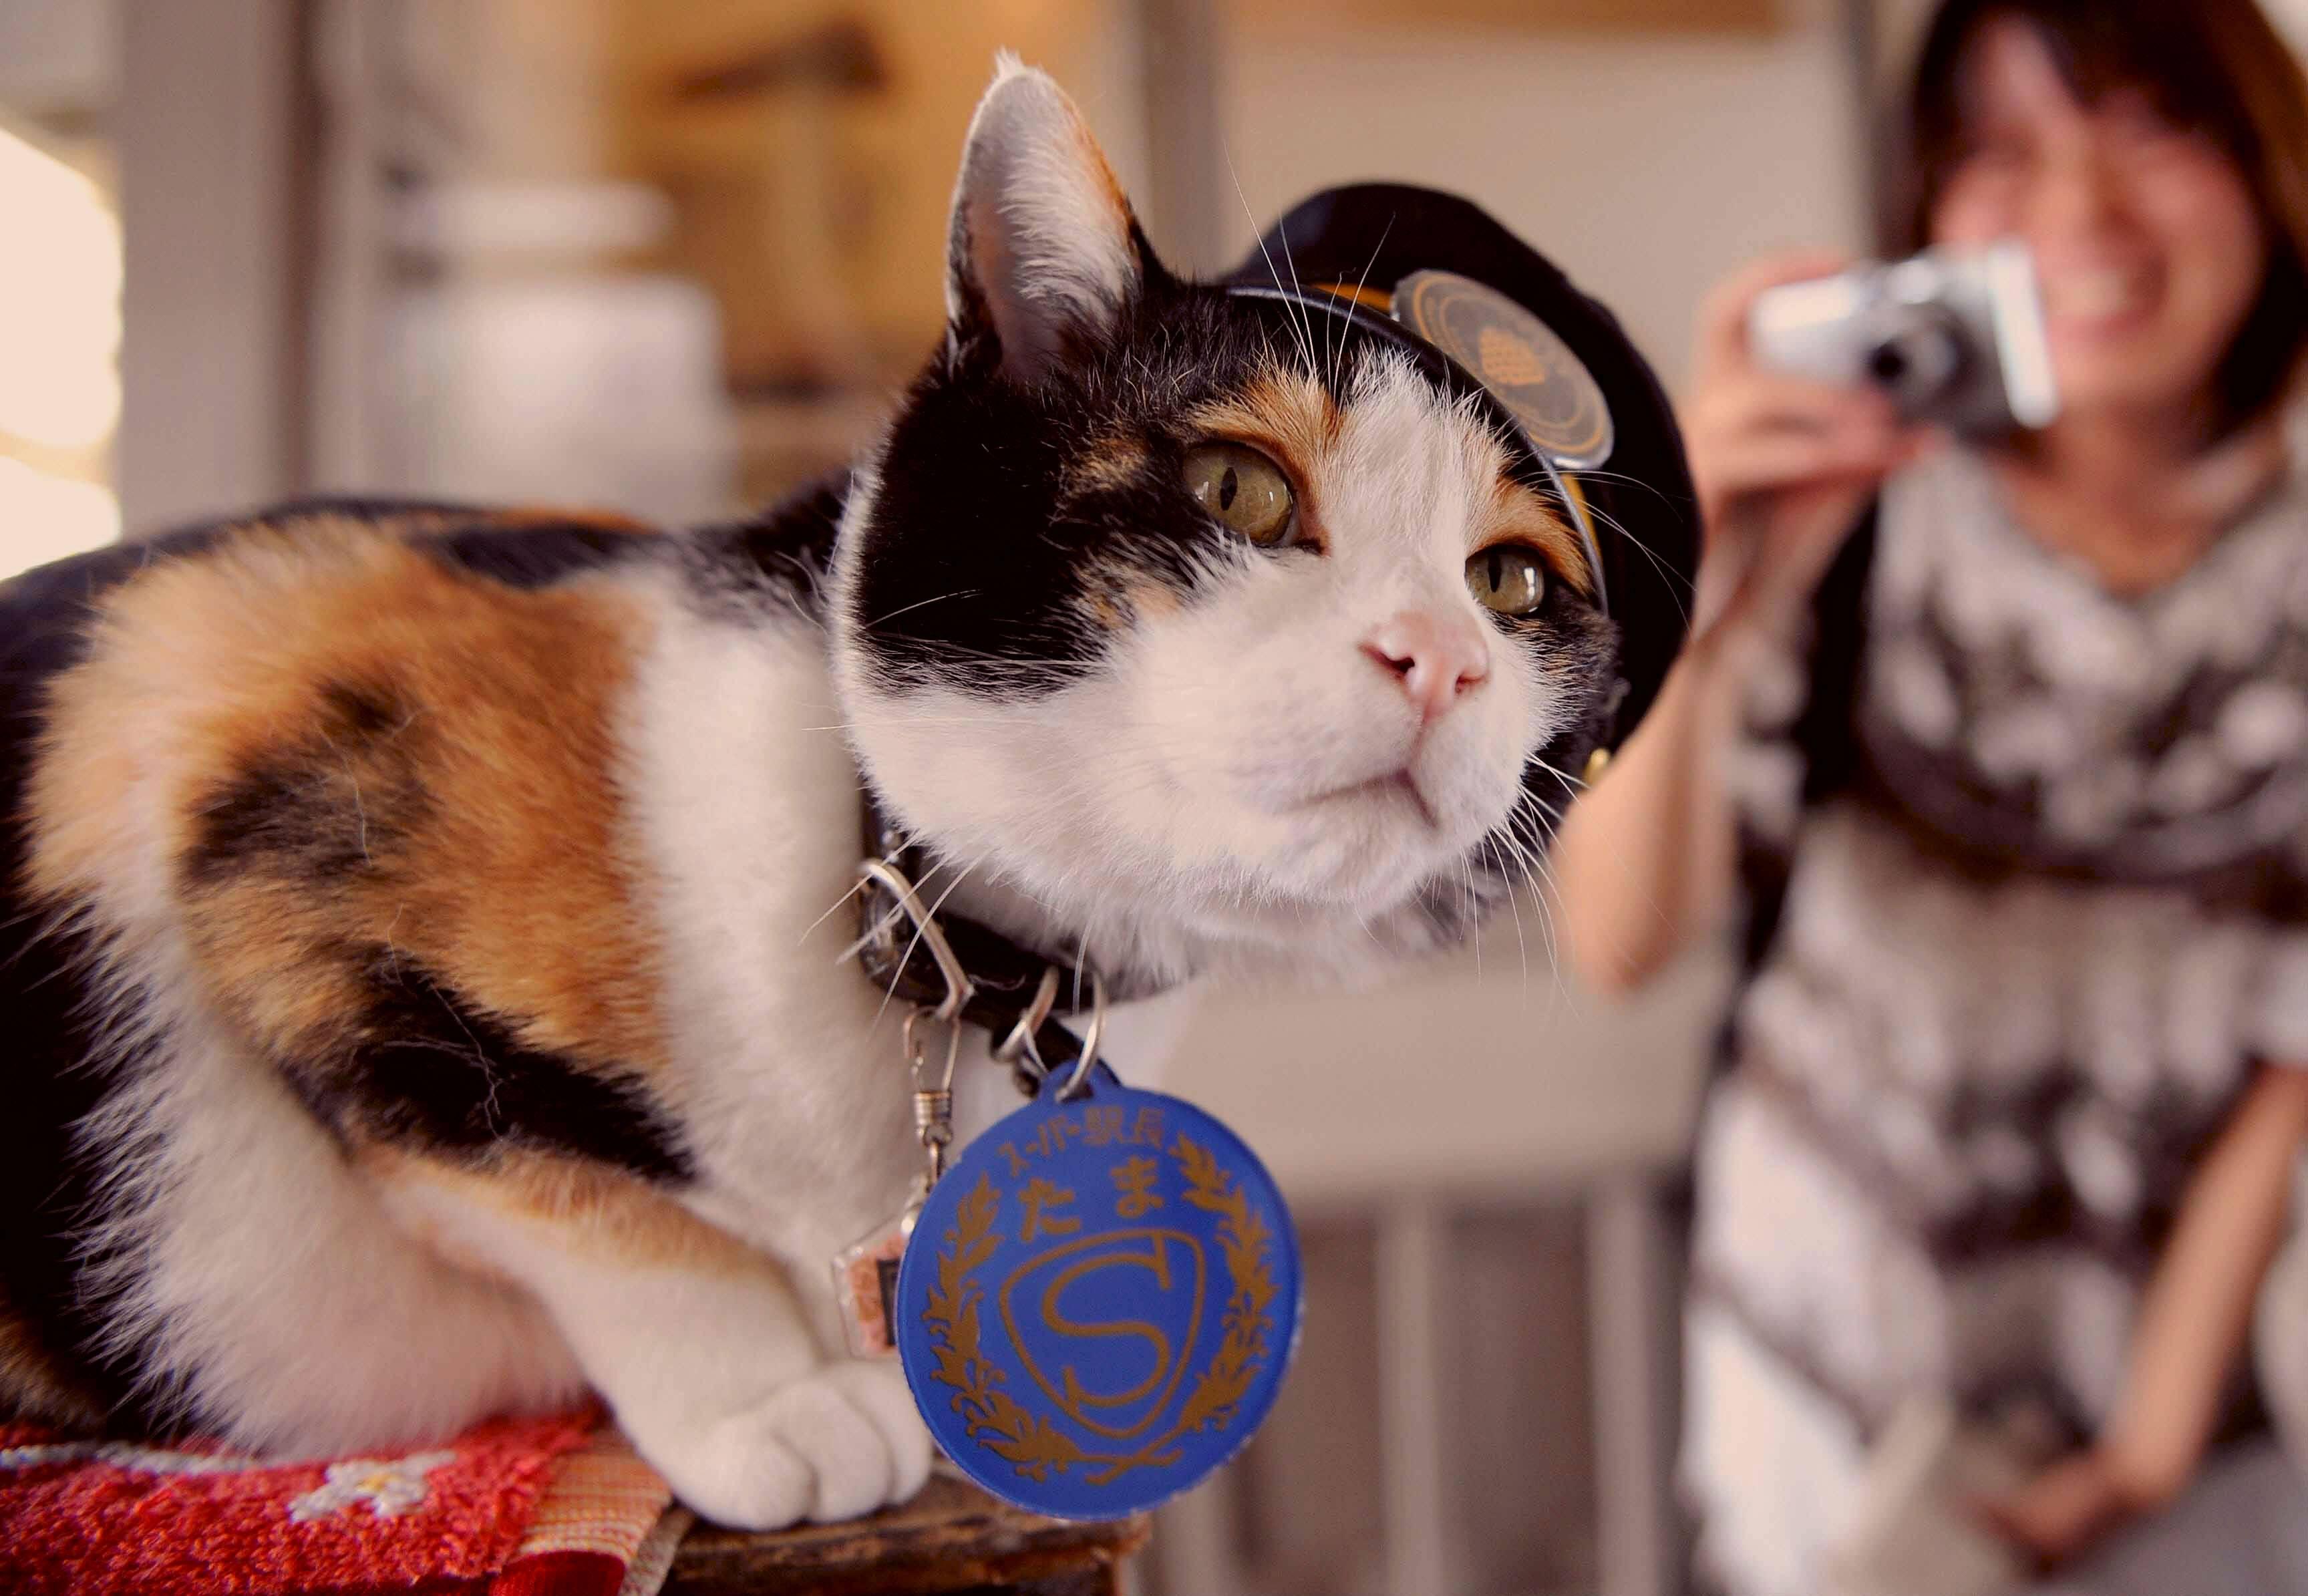 Тама — кошка-самурай и начальник станции, спасшая японскую железную дорогу